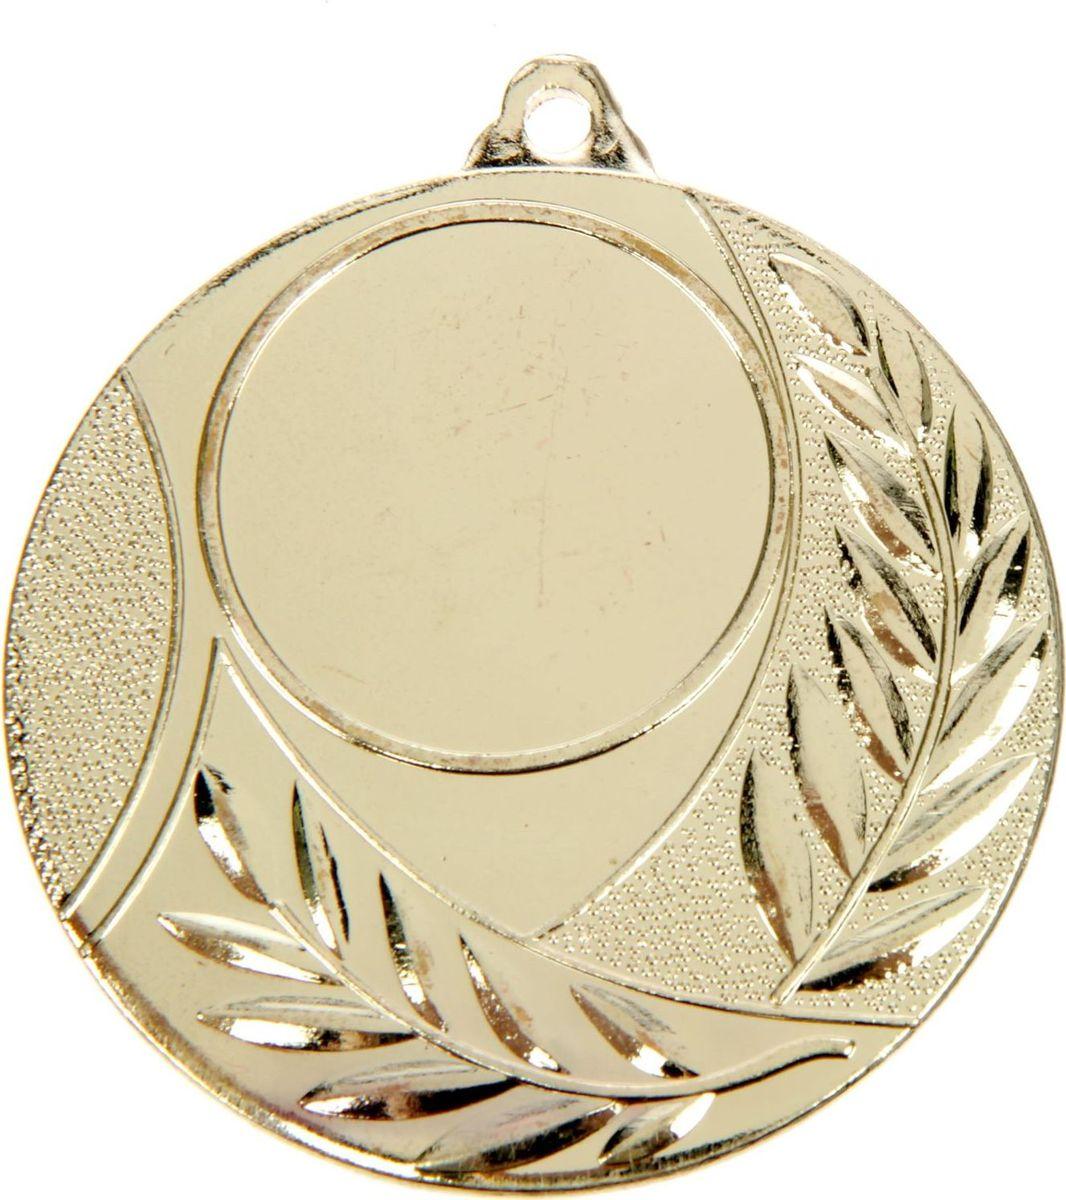 Медаль сувенирная с местом для гравировки, цвет: золотистый, диаметр 5 см. 0461387706Невозможно представить нашу жизнь без праздников! Мы всегда ждём их и предвкушаем, обдумываем, как проведём памятный день, тщательно выбираем подарки и аксессуары, ведь именно они создают и поддерживают торжественный настрой. Это отличный выбор, который привнесёт атмосферу праздника в ваш дом!